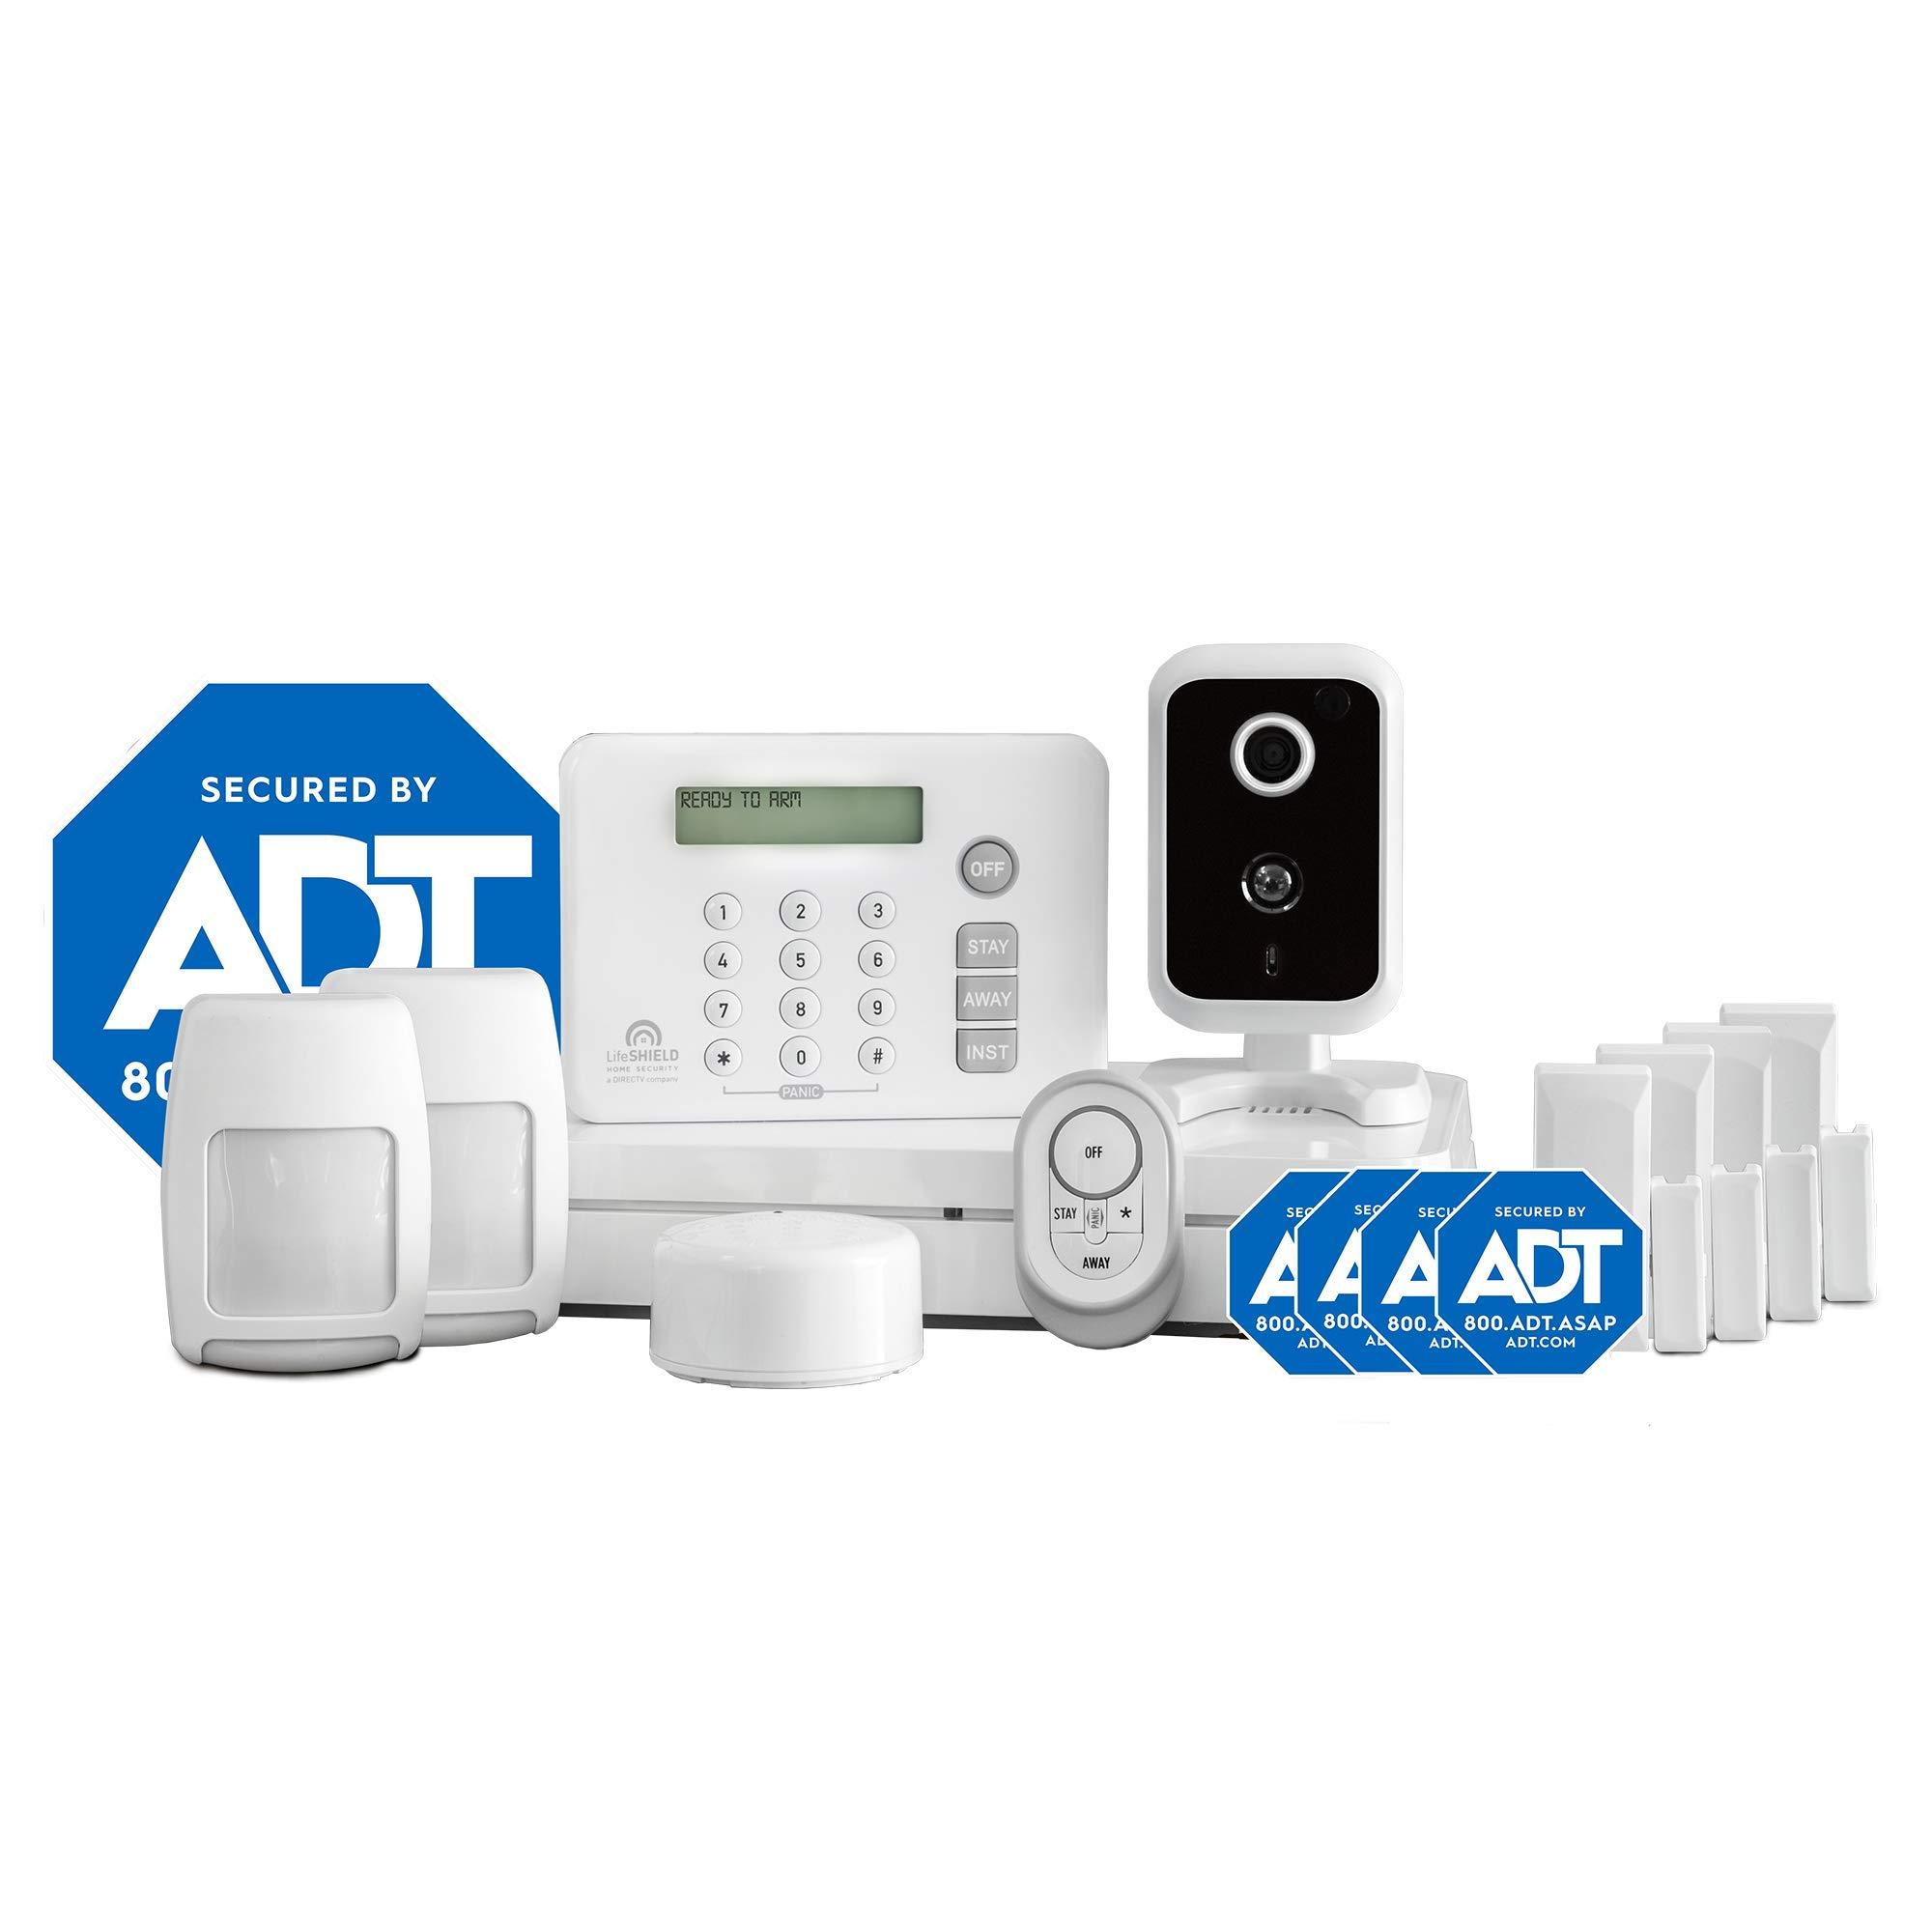 LifeShield Security Advantage Wireless Keychain